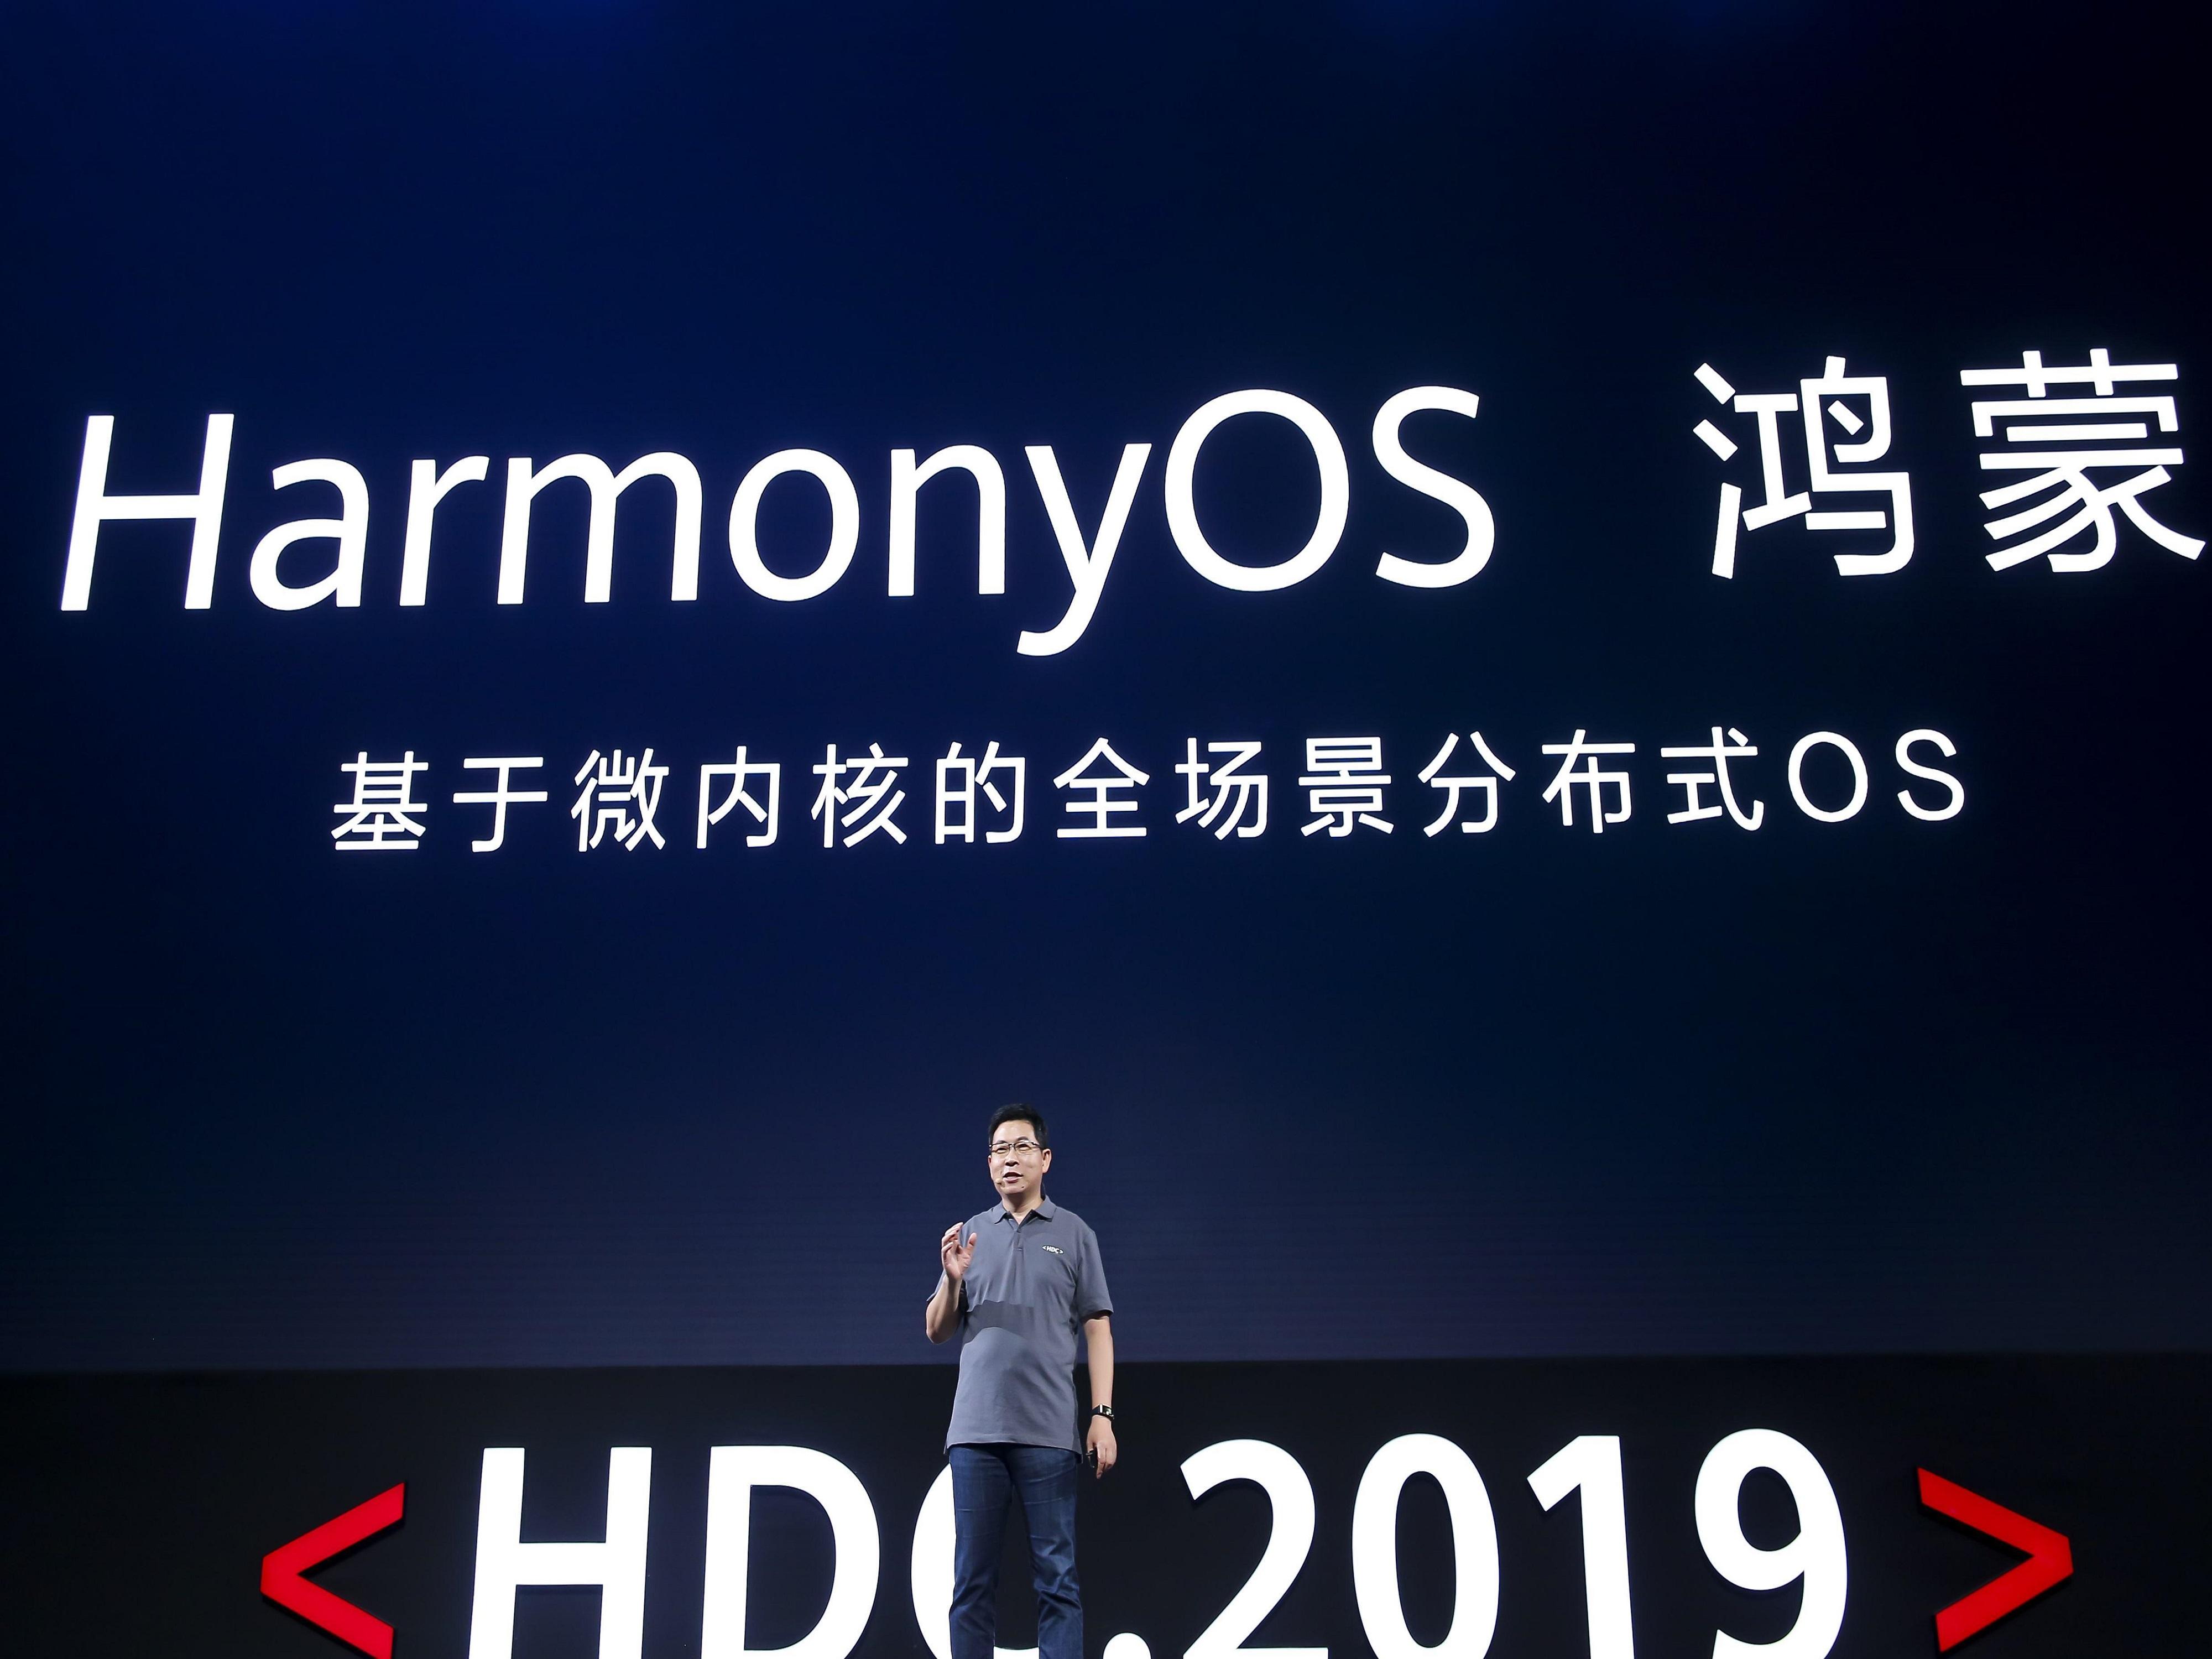 关于鸿蒙OS的五大误解 这些你应该知道